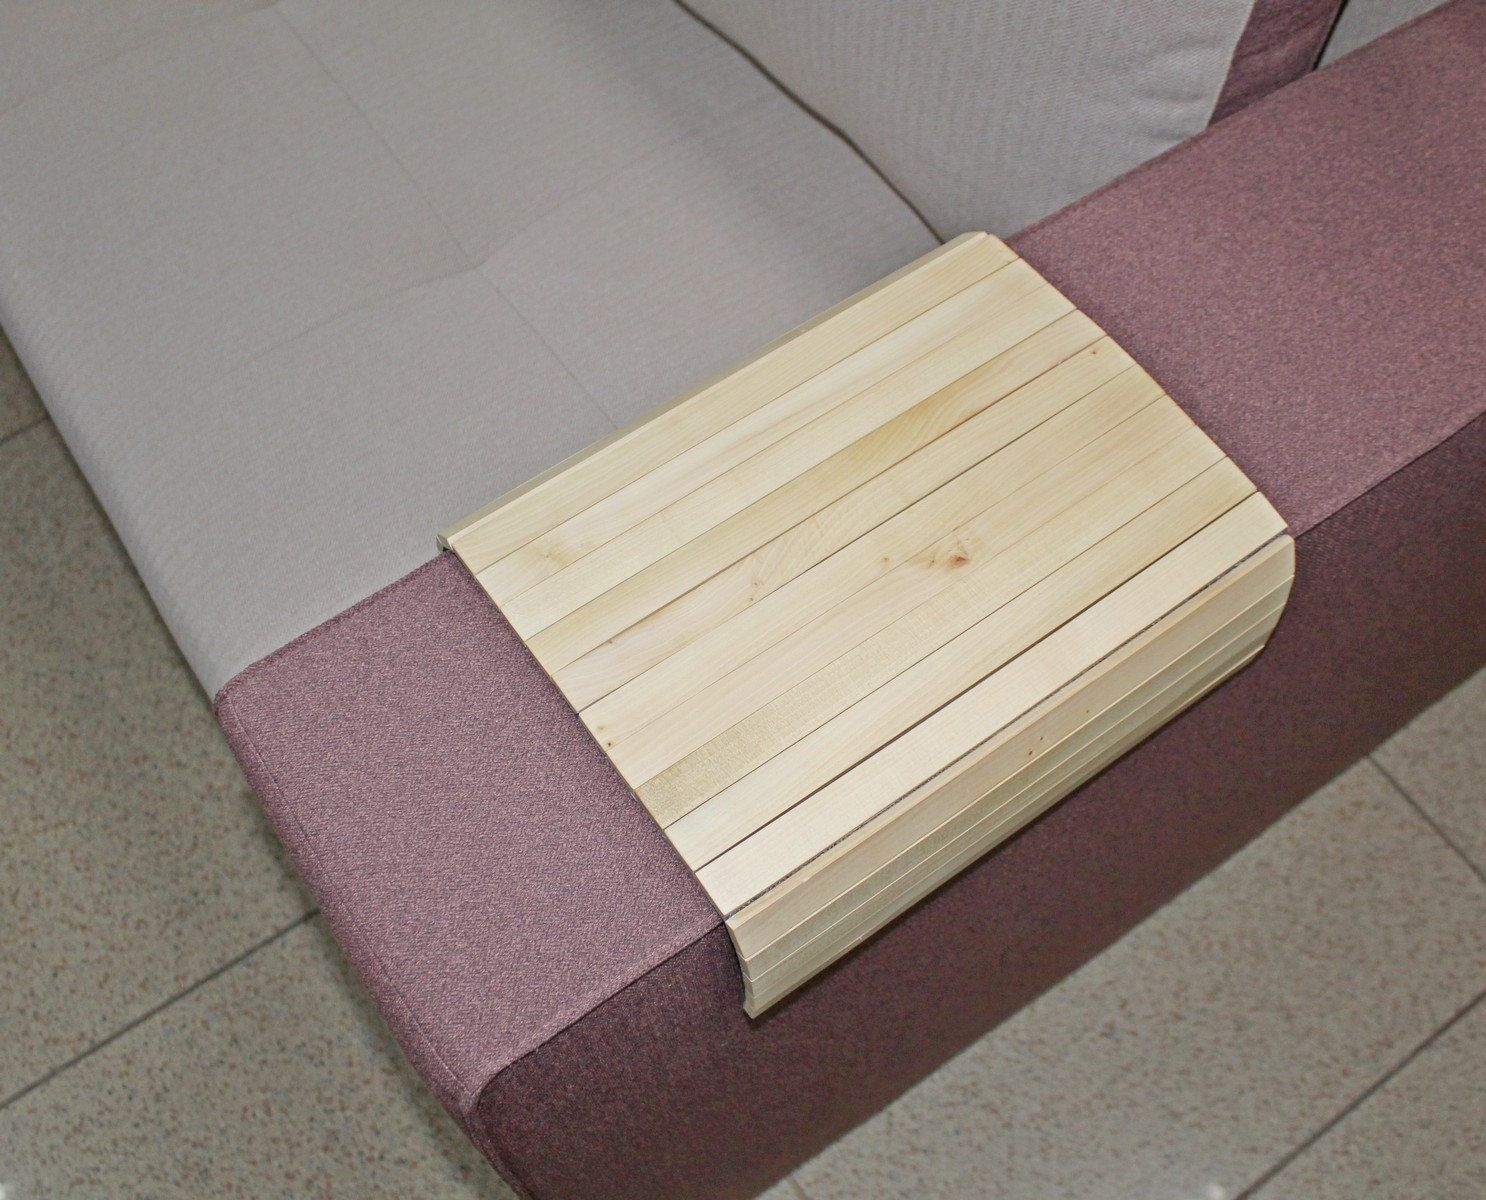 Sofa Tray Table Sofa Arm Tray Armrest Tray Sofa Arm Table Couch Tray Coffee Table Flexible Tray Adjustable Tray Flexible Wooden Tea Tray Sofa Arm Table Couch Tray Tray Table